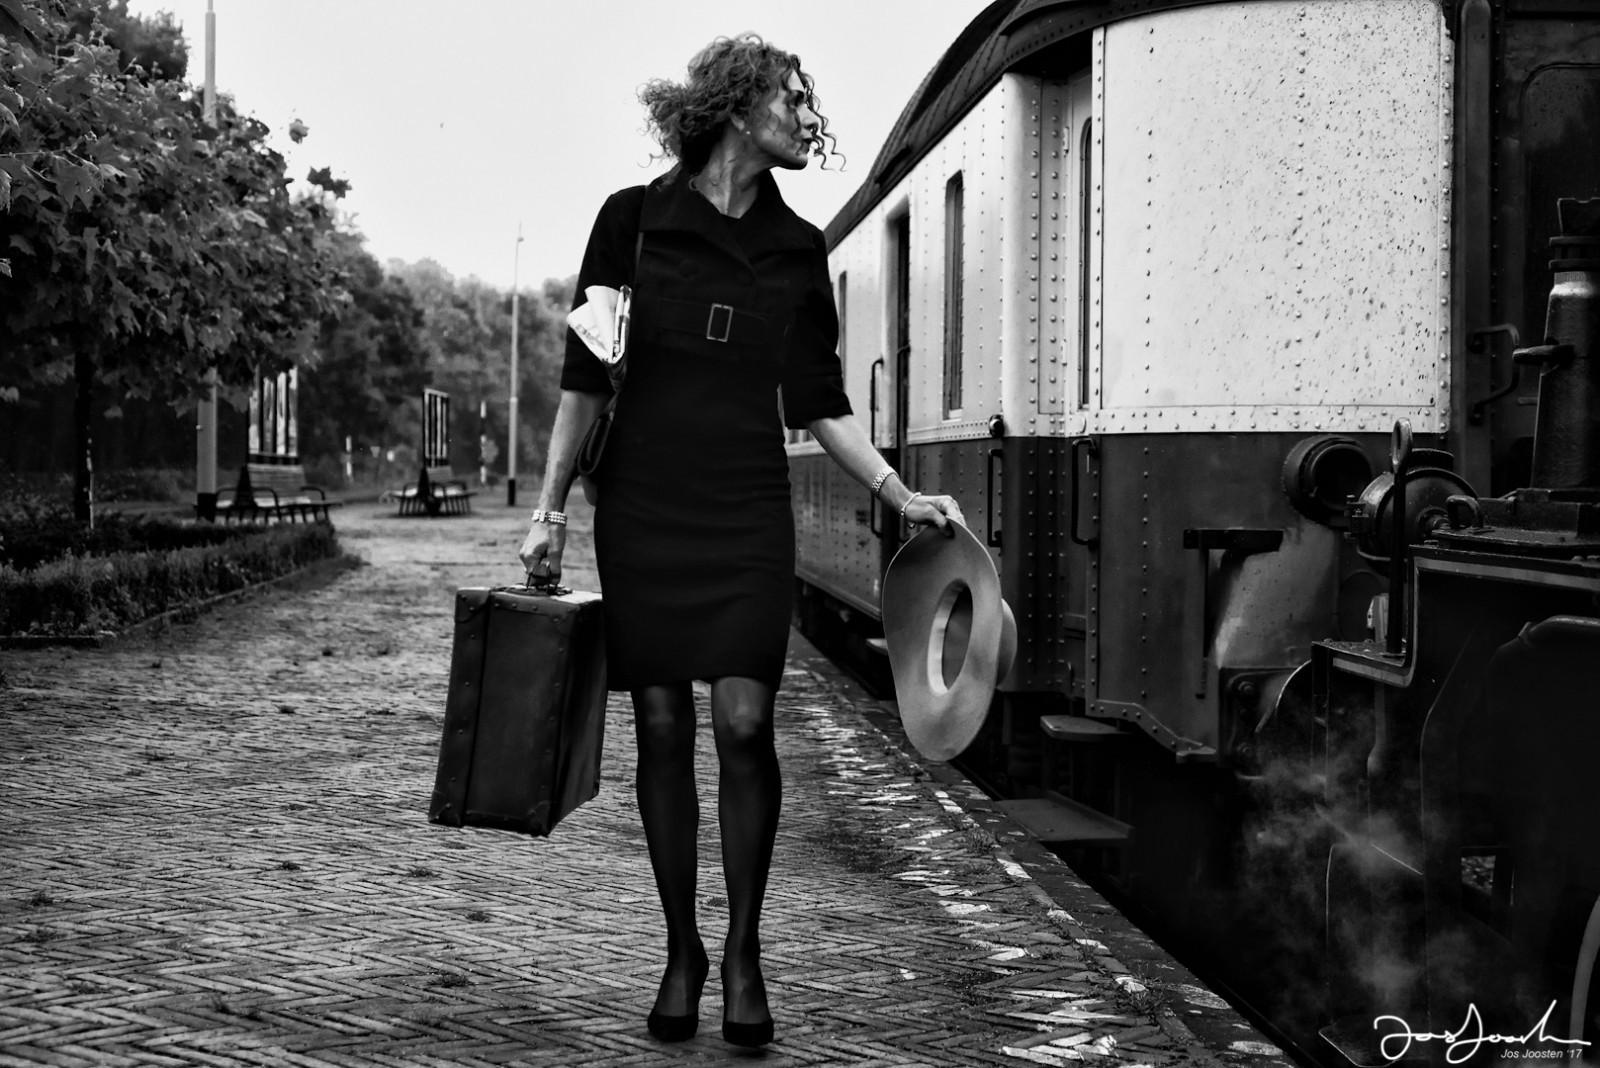 Lerne mehr über Kompositionen in der Fotografie Dame mit Zug von Jos Joosten